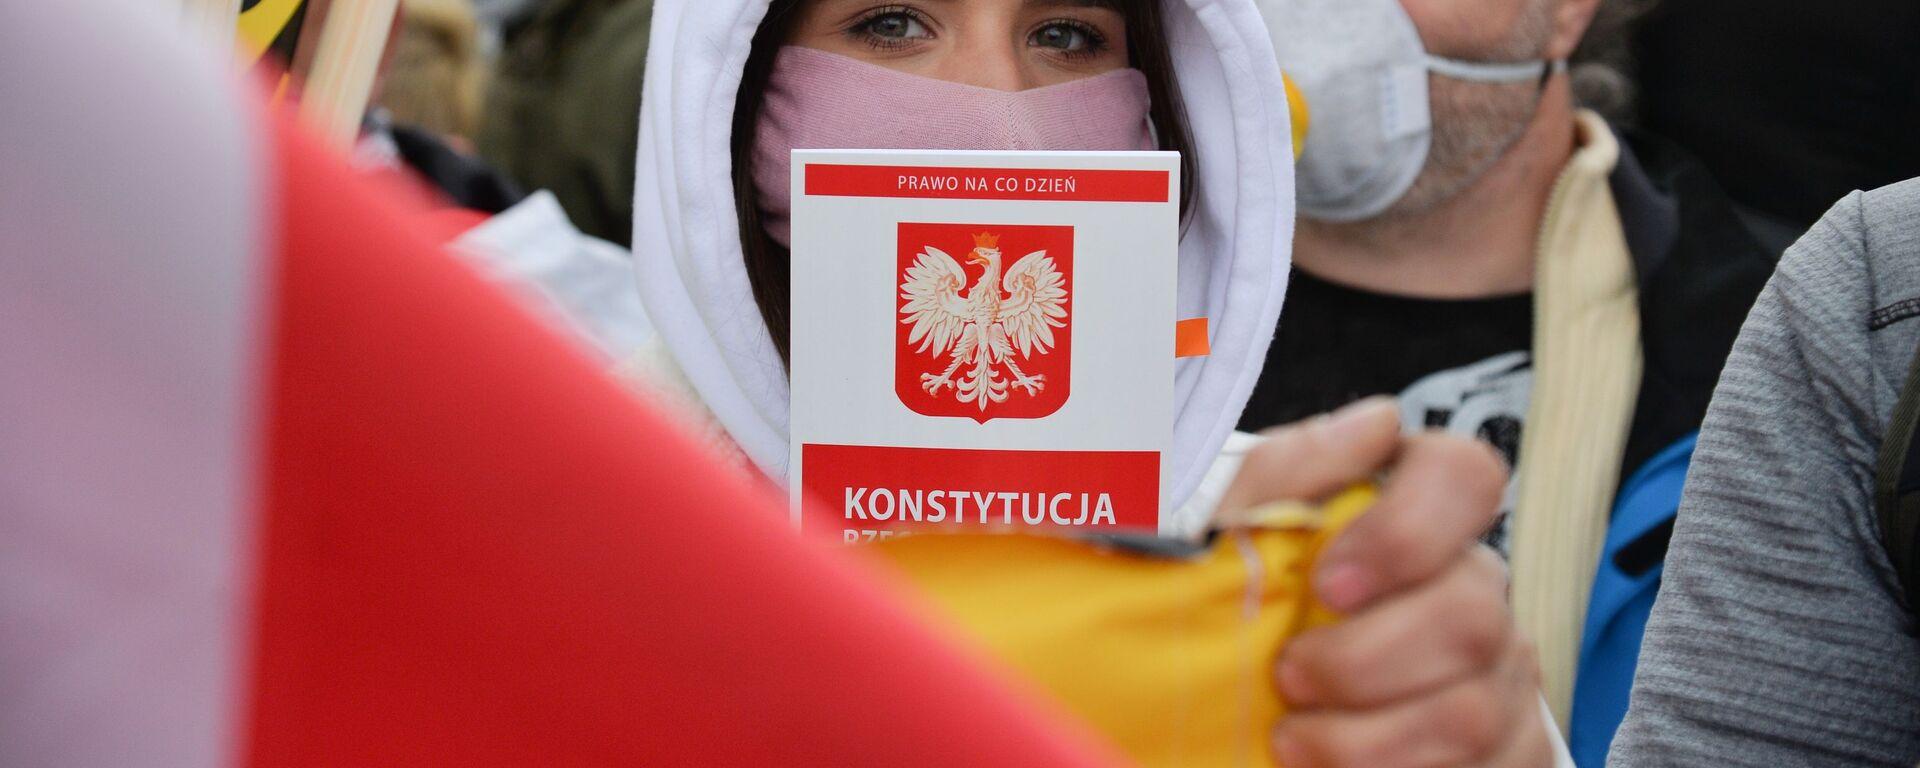 Акция против карантинных мер в Варшаве - Sputnik Polska, 1920, 06.07.2021